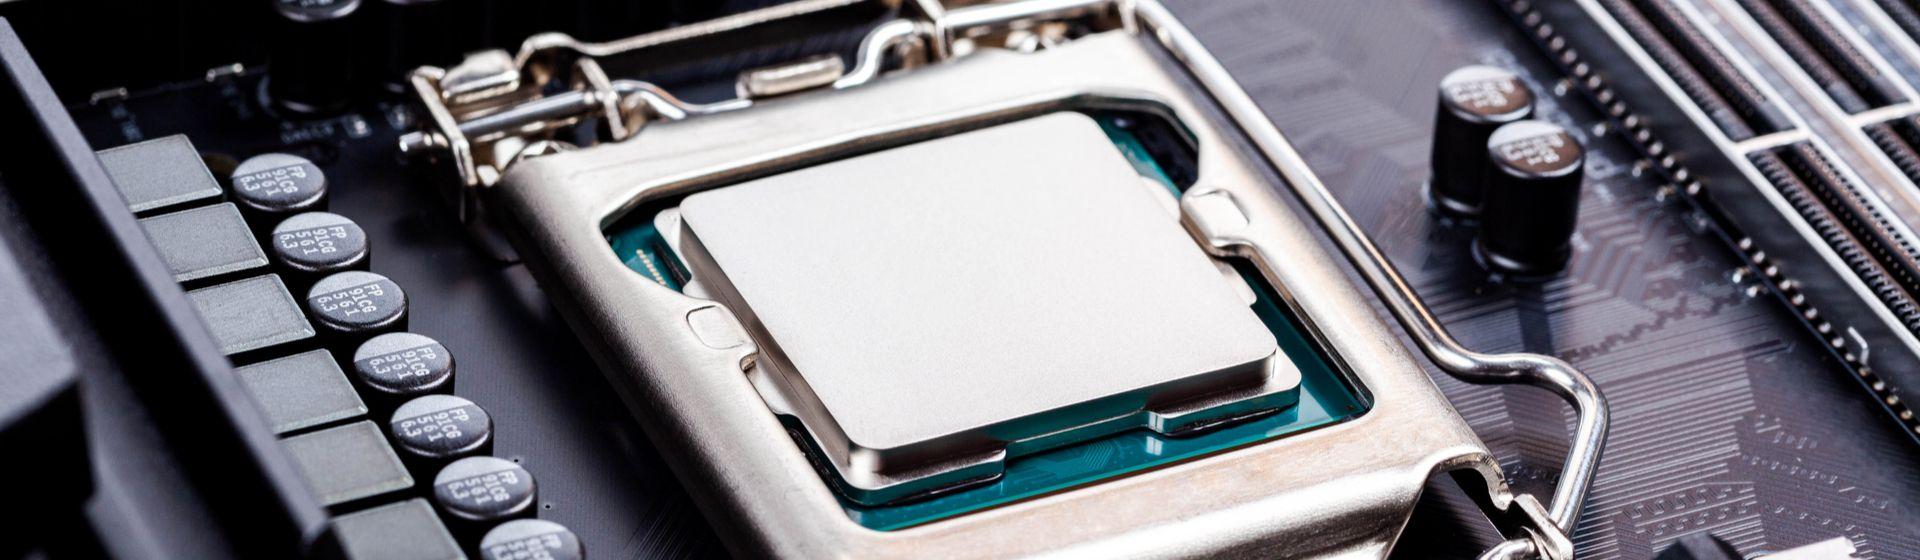 O que é TDP e por que é essencial avaliar antes de comprar processador